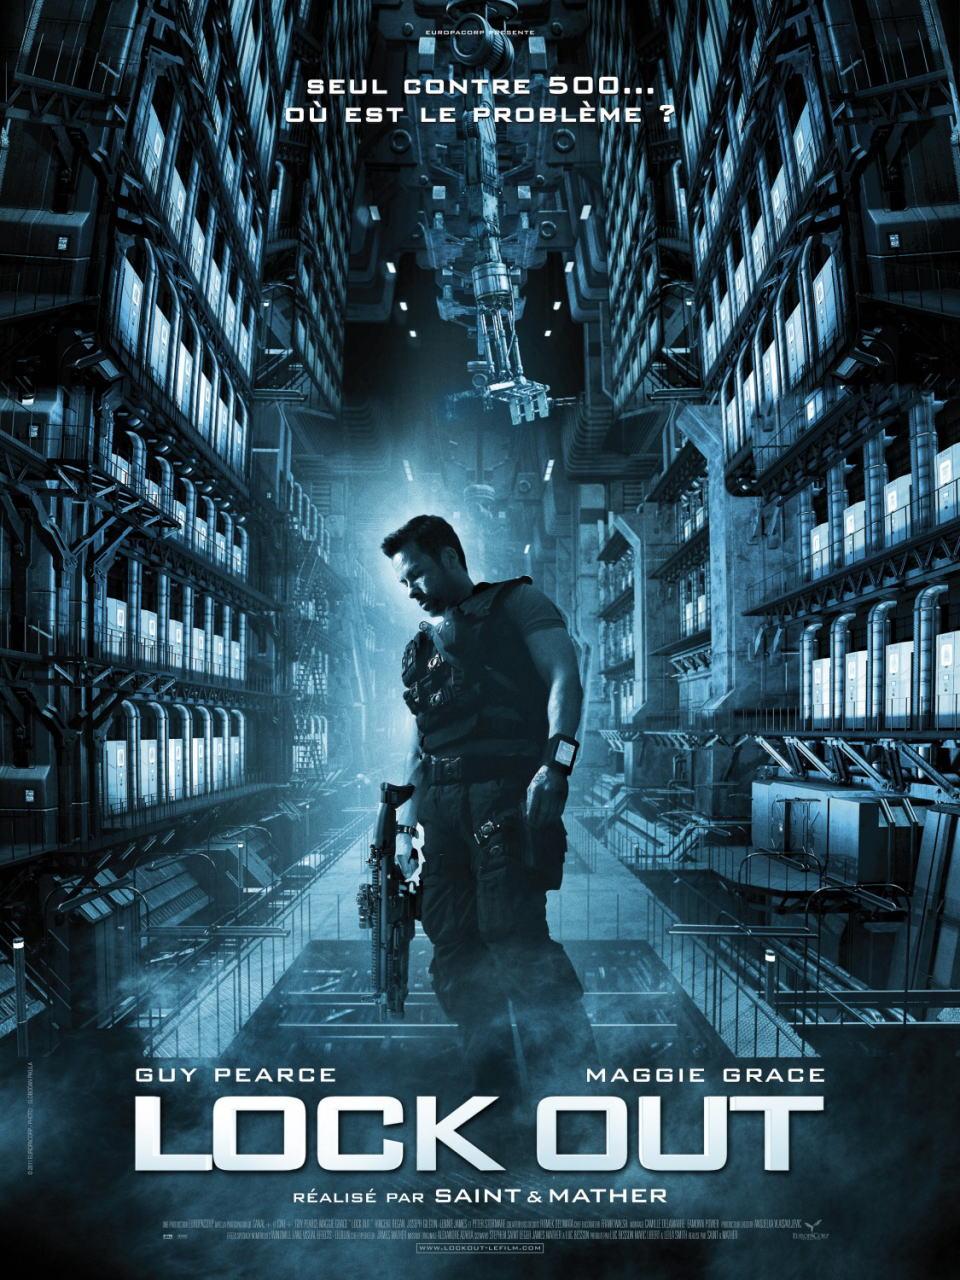 映画『ロックアウト LOCKOUT』ポスター(2) ▼ポスター画像クリックで拡大します。